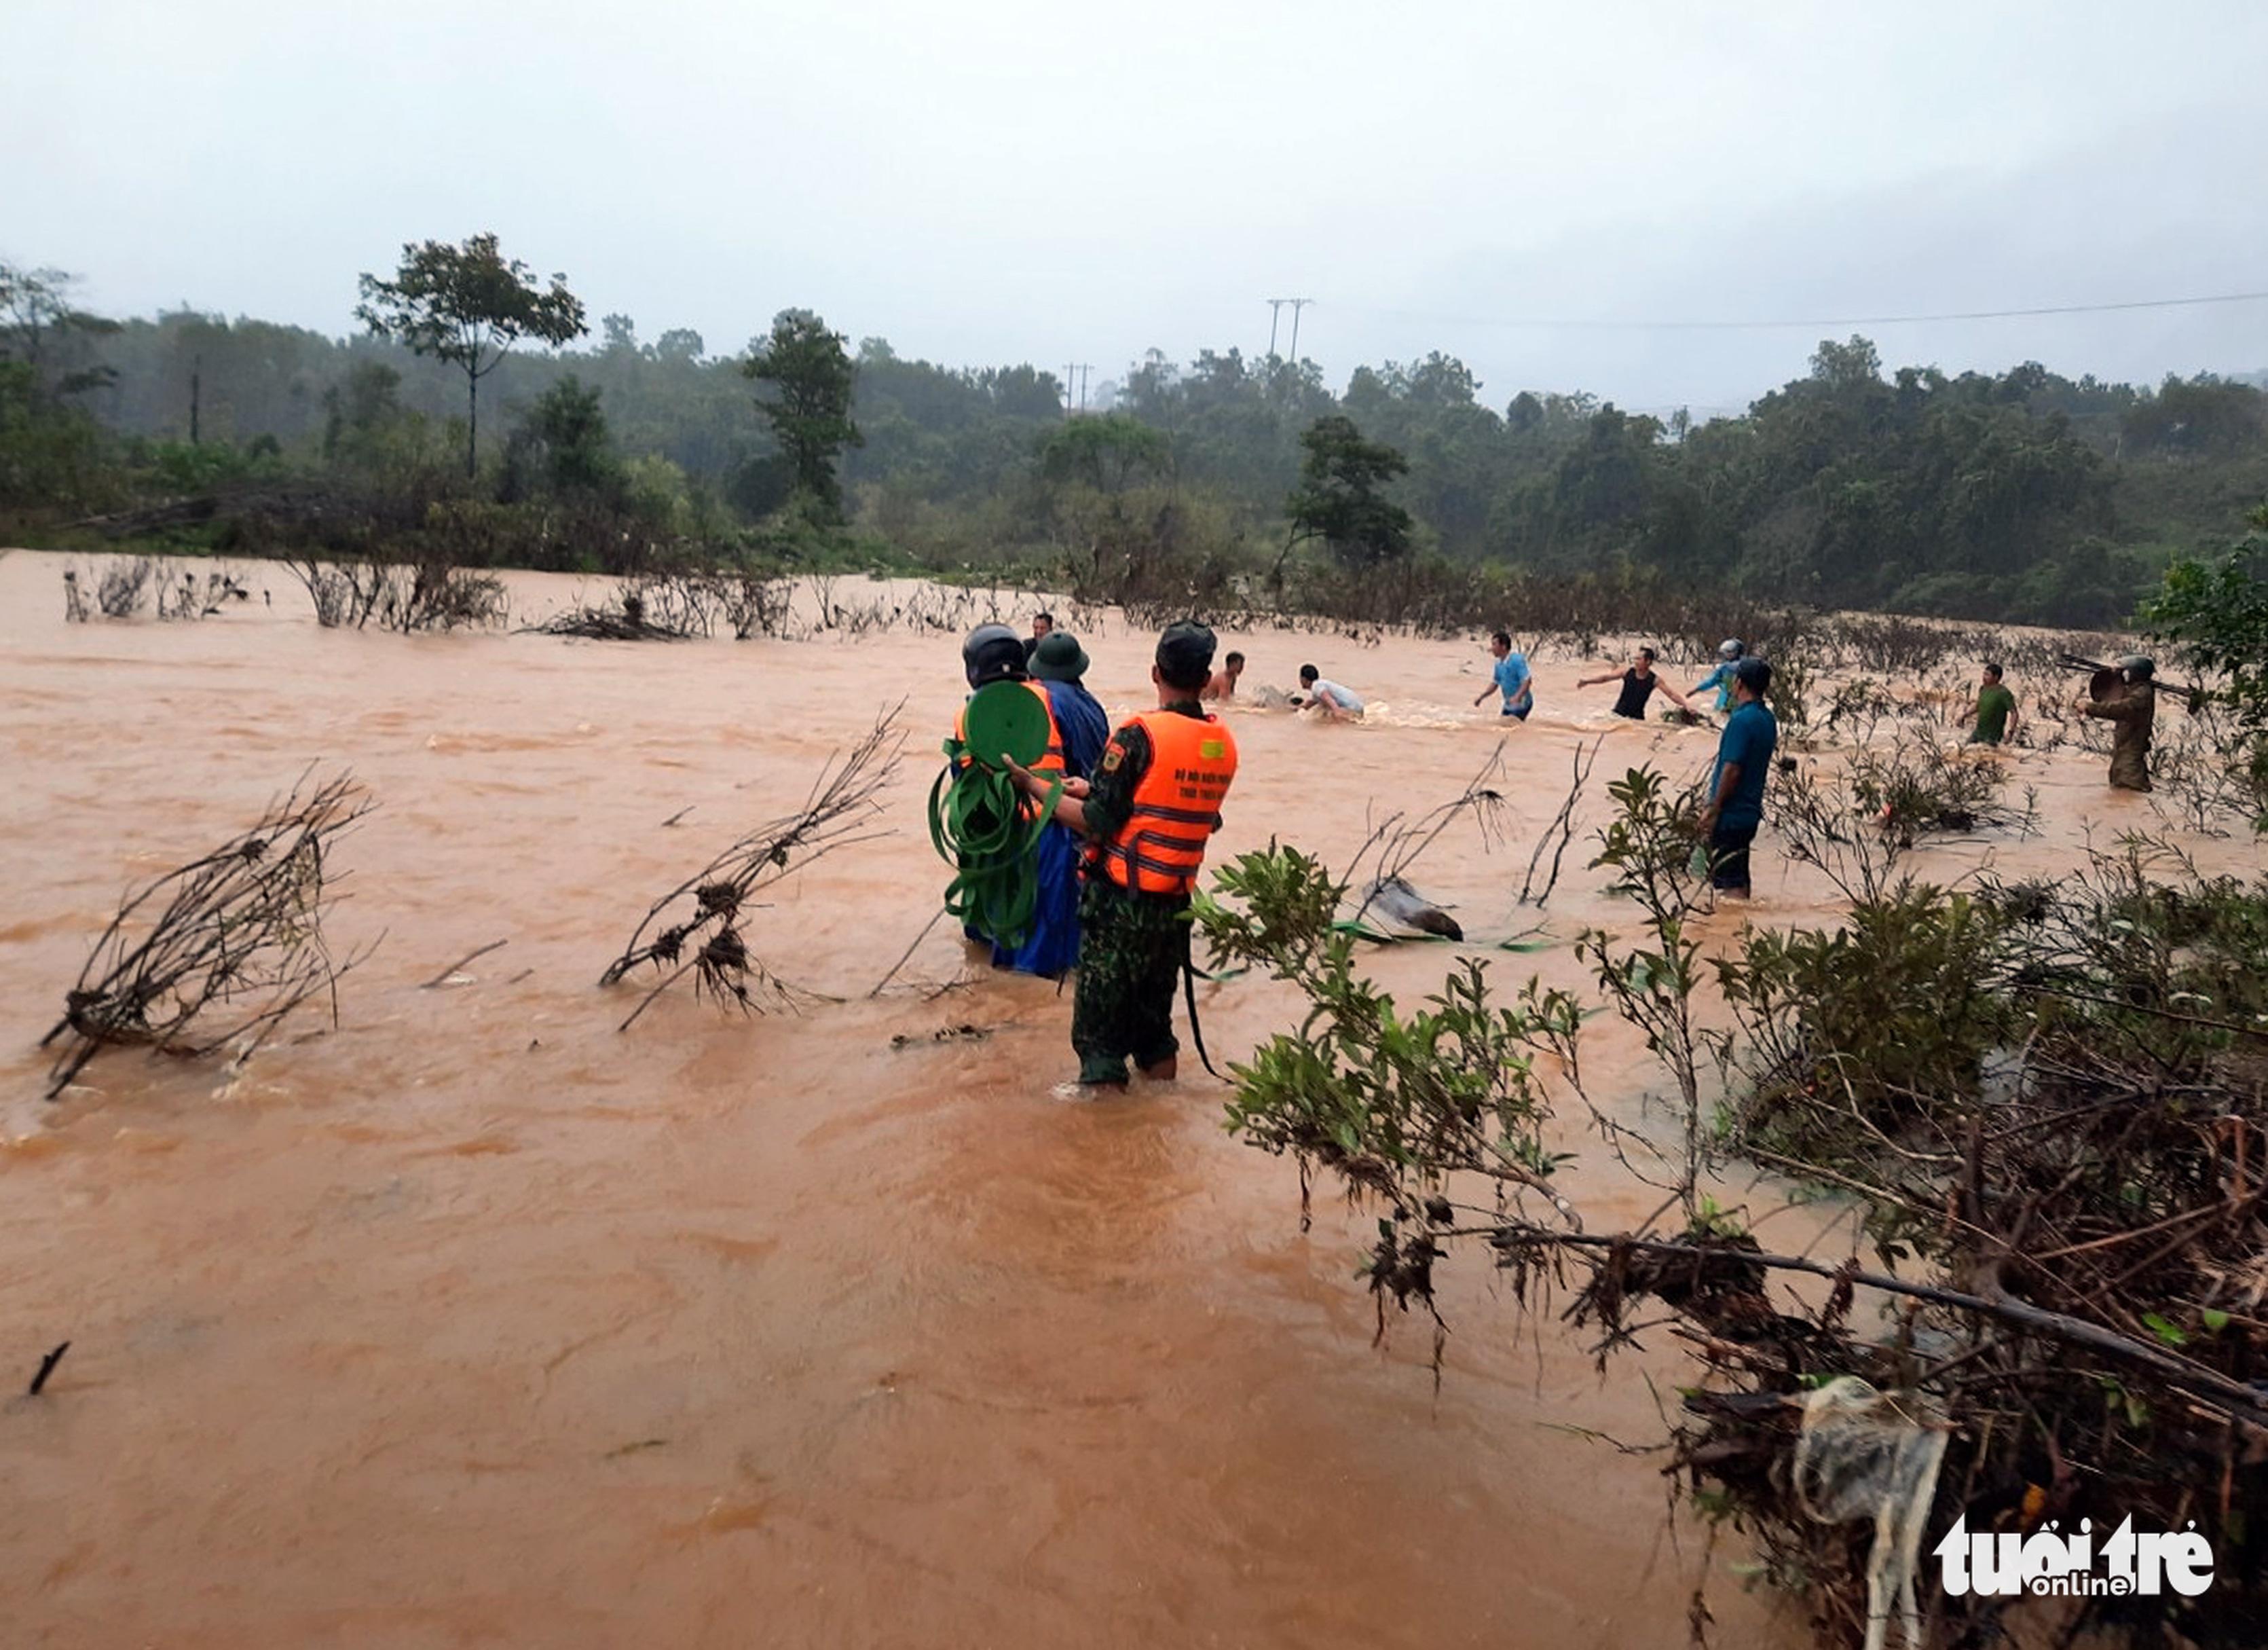 Vietnam warns of risk of floods, landslides after storm weakens